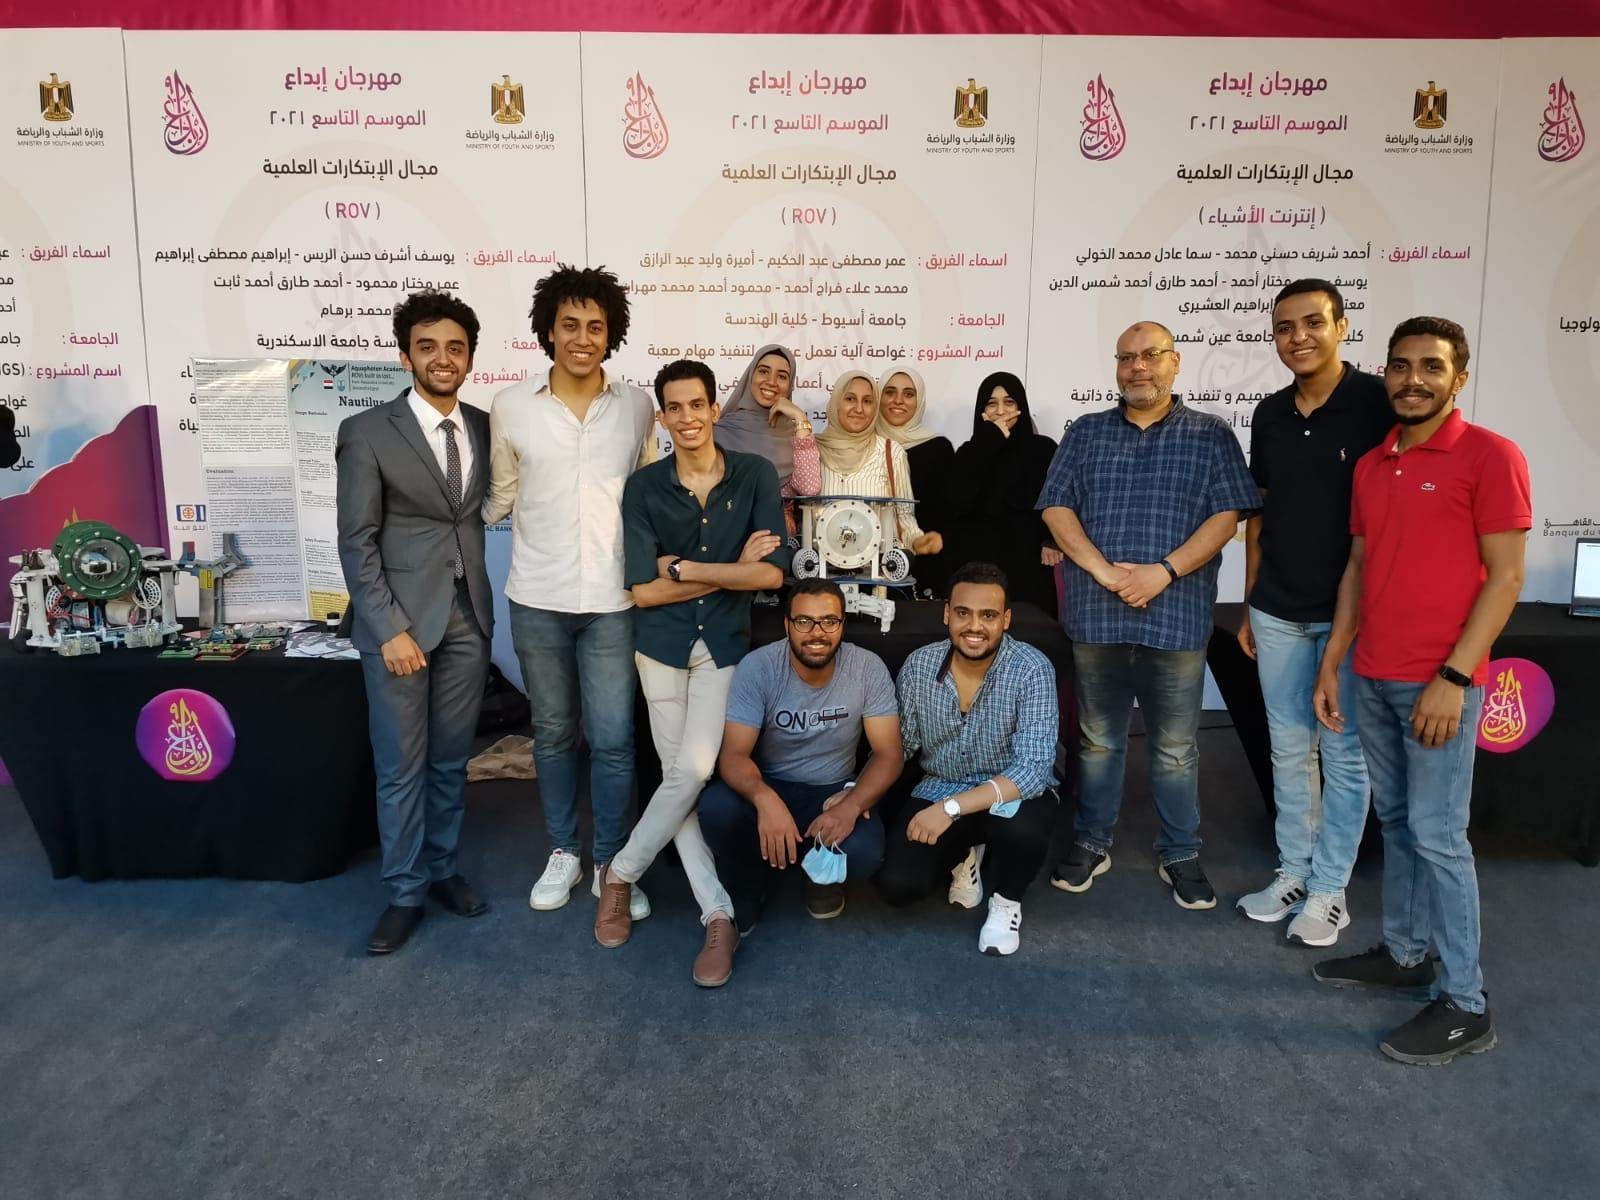 جامعة أسيوط تحصد ثلاثة مراكز متقدمة  فى مهرجان إبداع 9